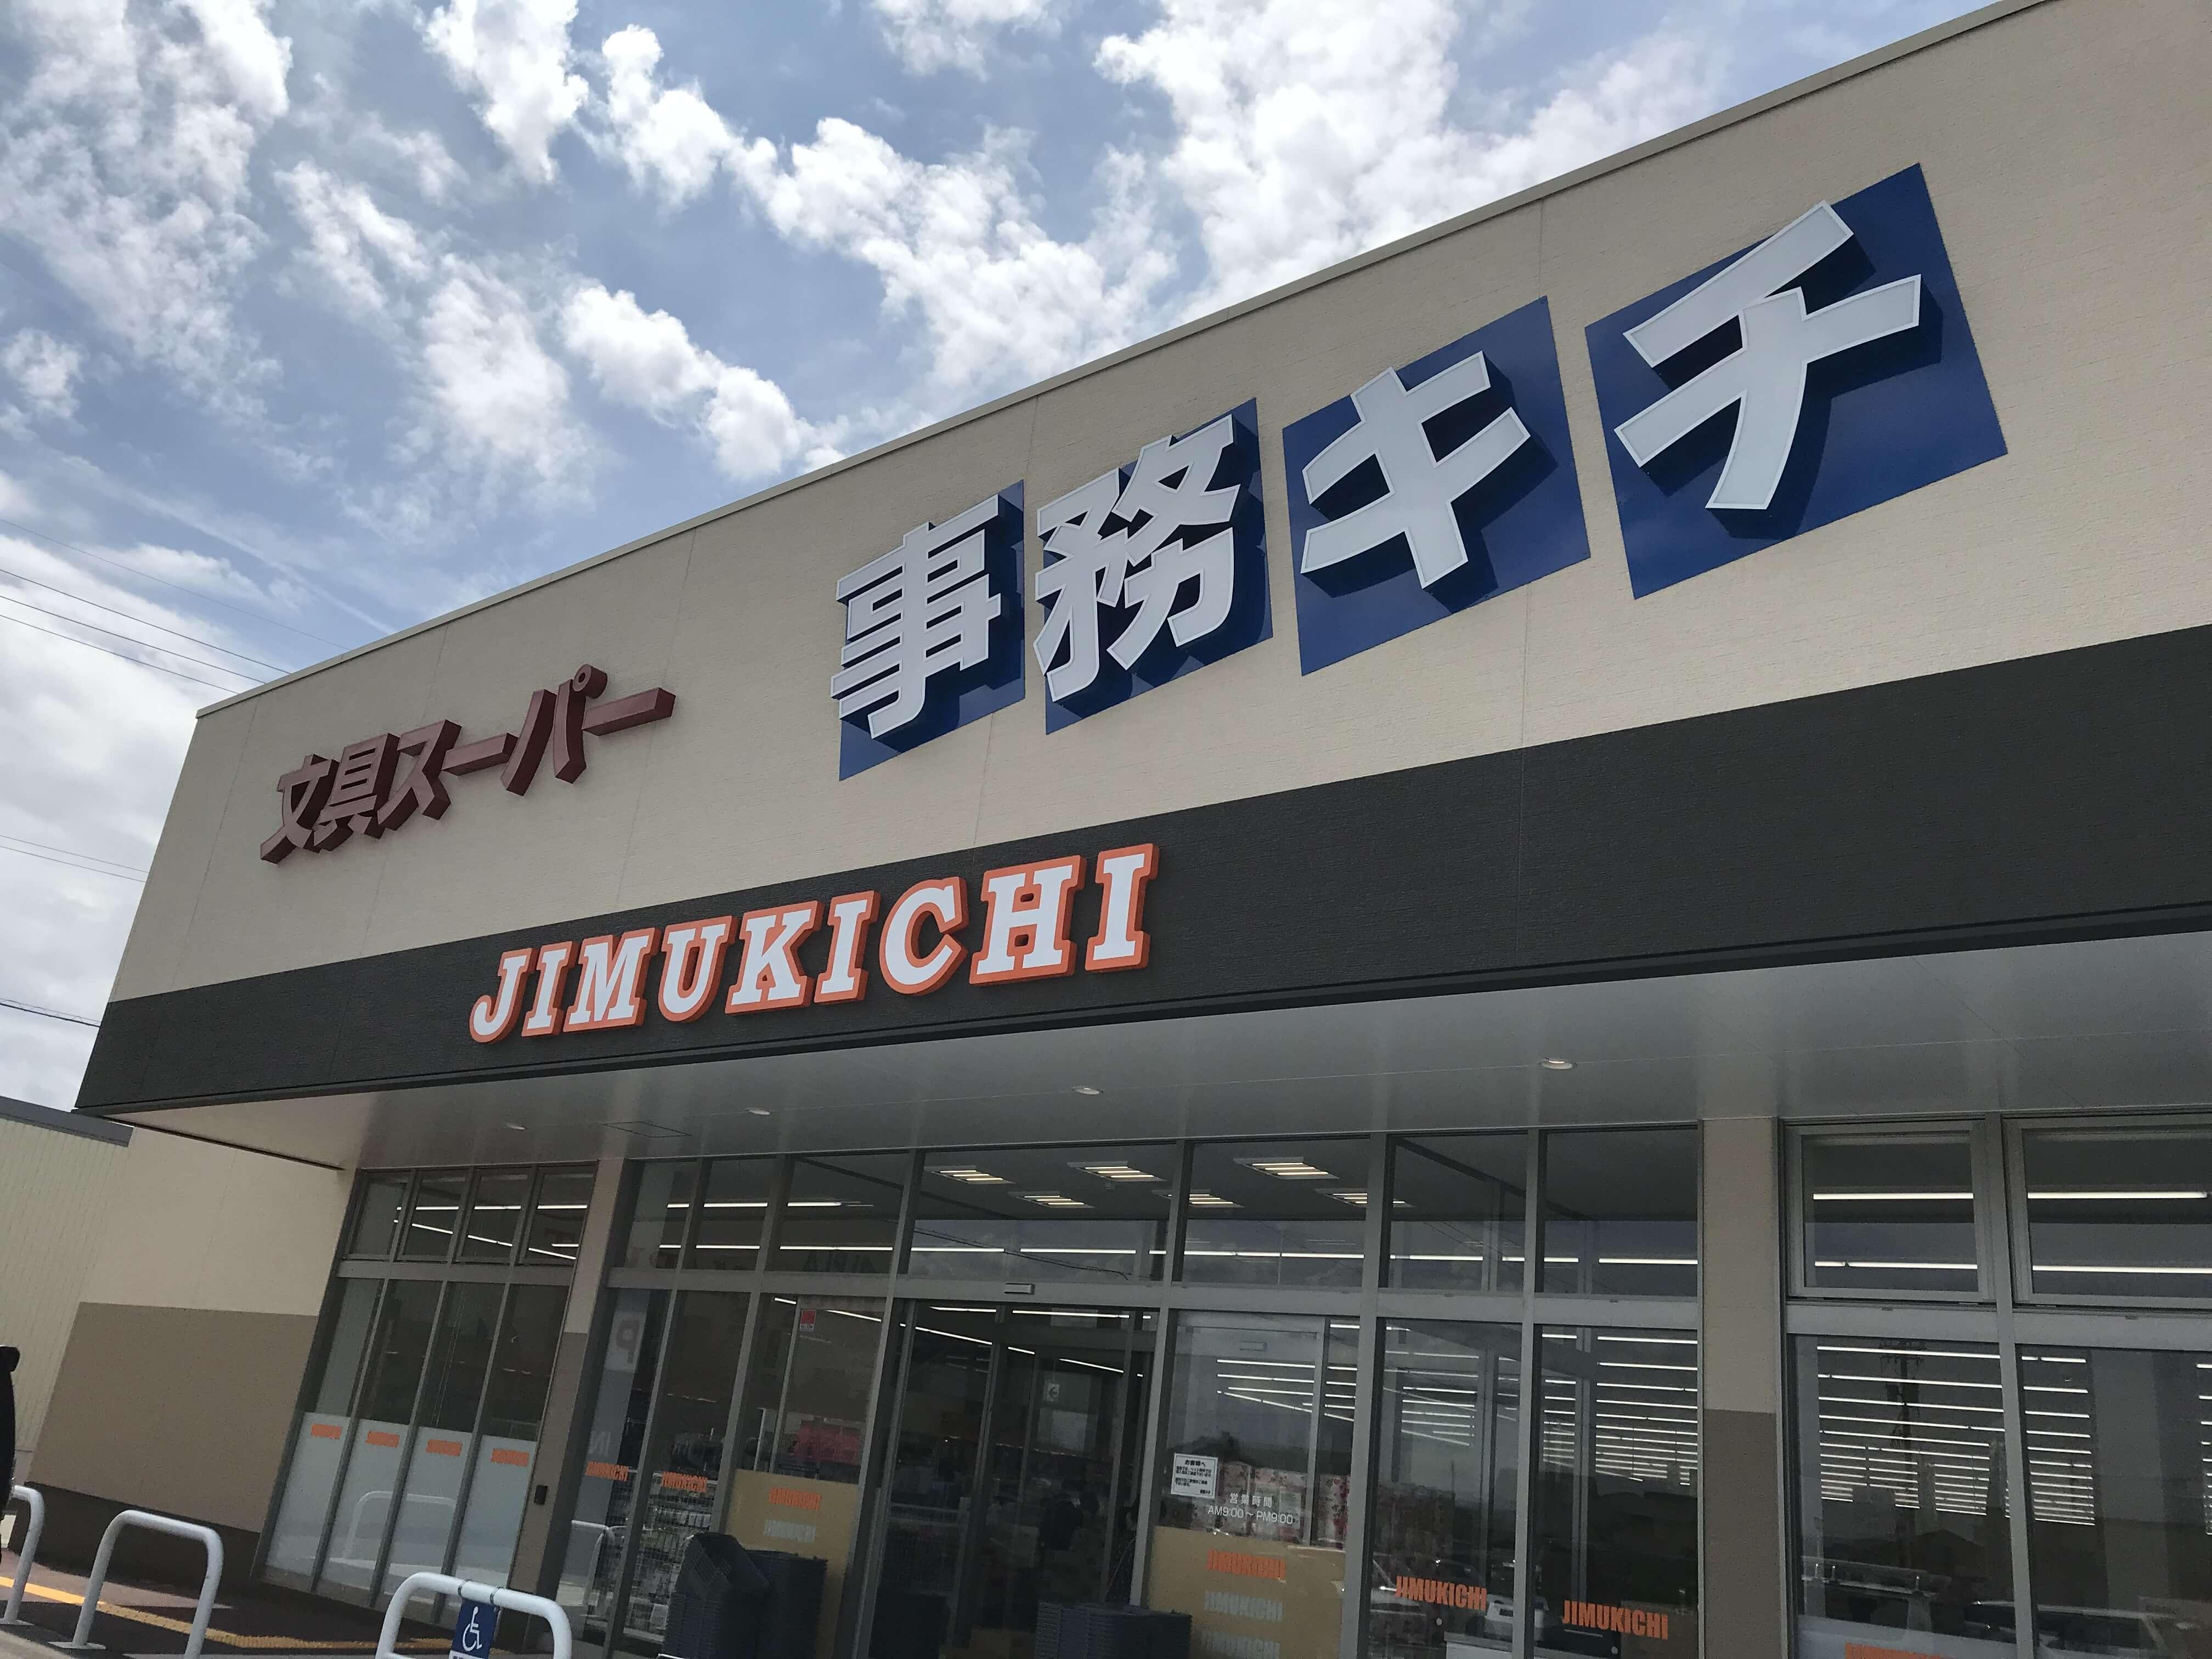 『文具スーパー 事務キチ 金沢大河端店』事務用品だけじゃない!お買い得品がたくさん。